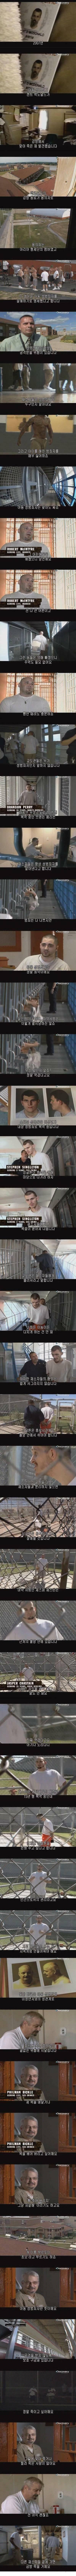 교도소에서 돌연사 안당하면 다행인 범죄명 | 인스티즈